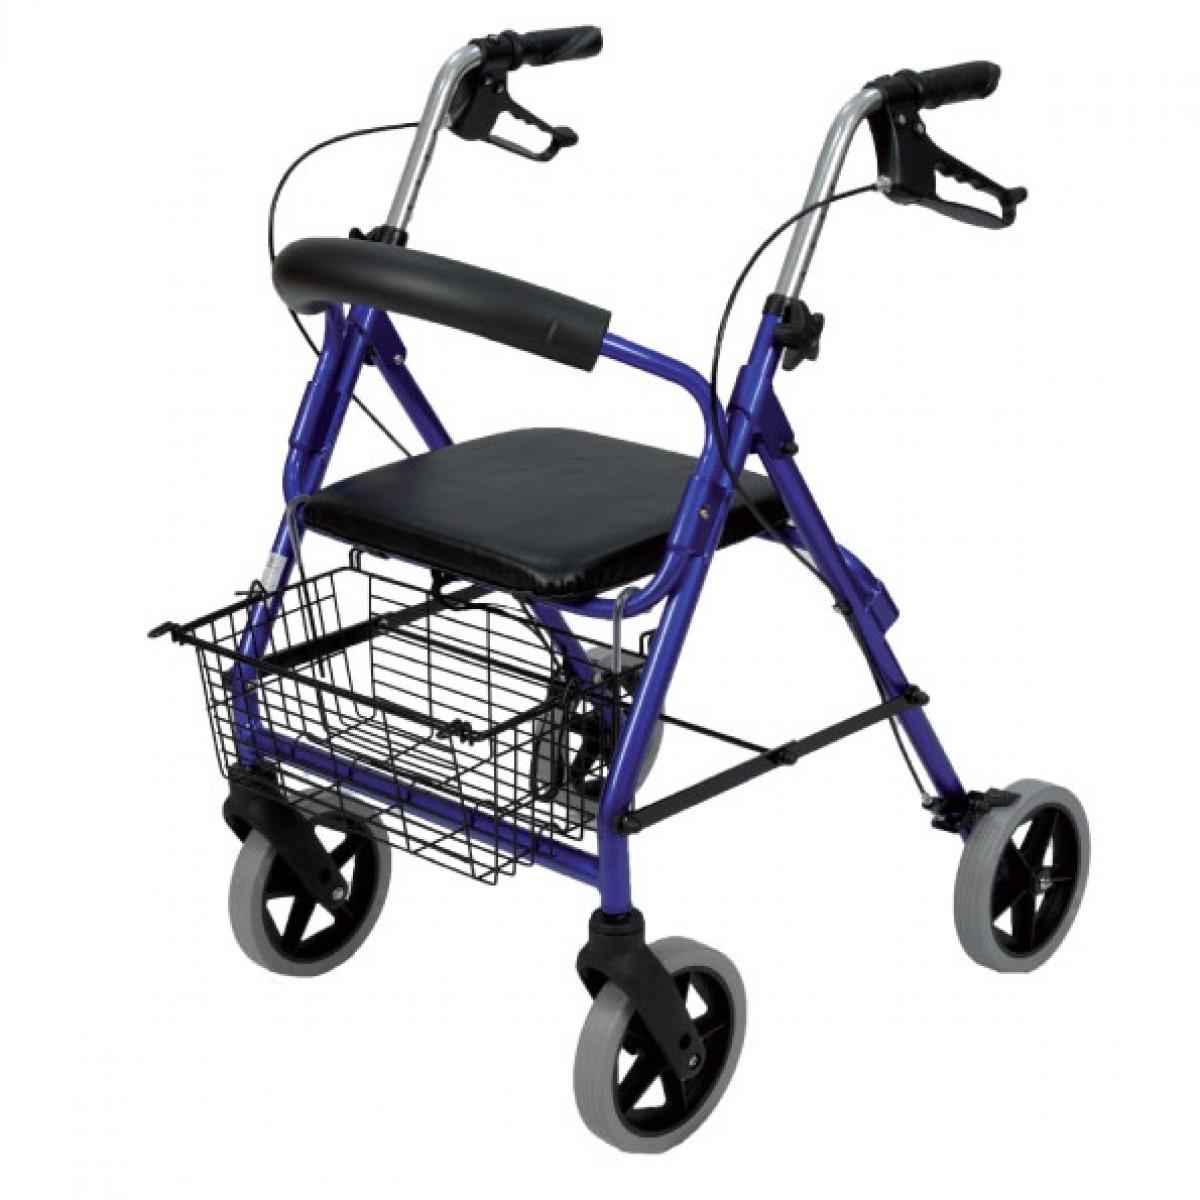 Deambulatore per disabili pieghevole con sedile RO2  Vita